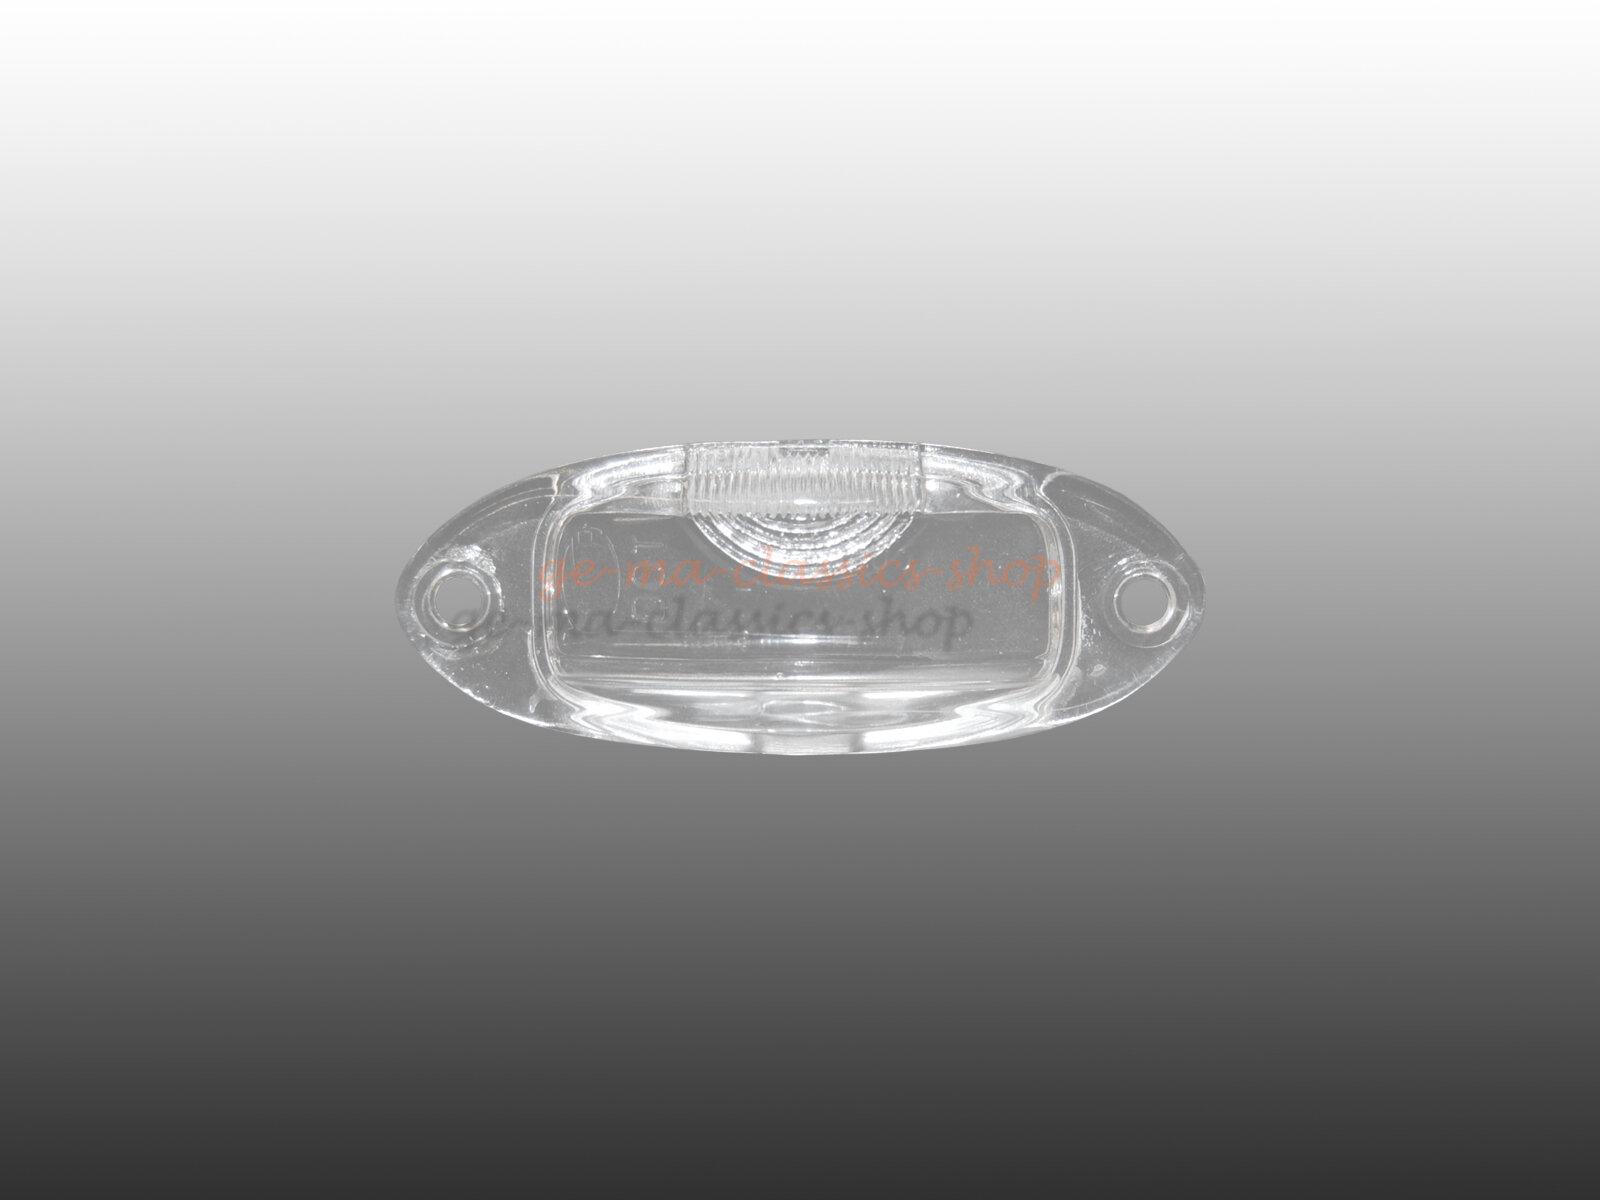 Nummernschildleuchtenglas Karmann Ghia Typ14 HELLA